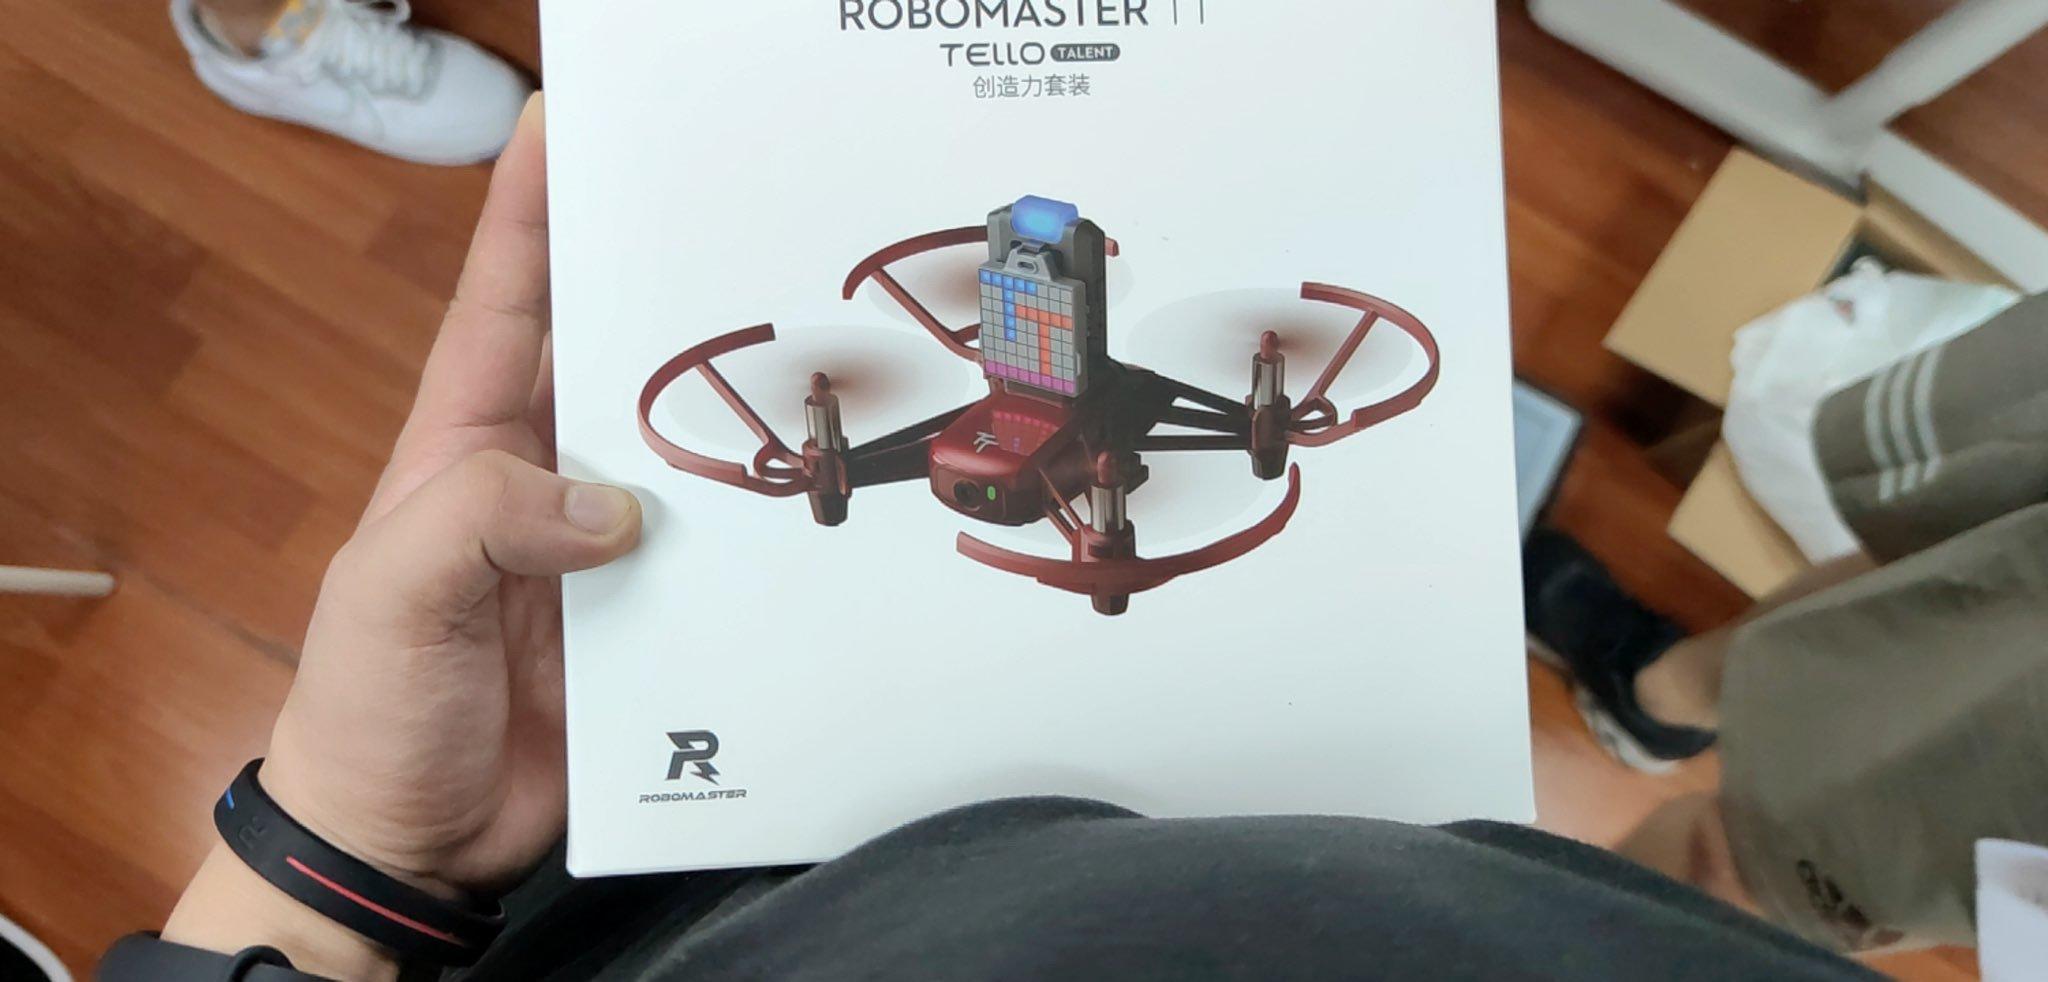 DJI Tello robomaster version